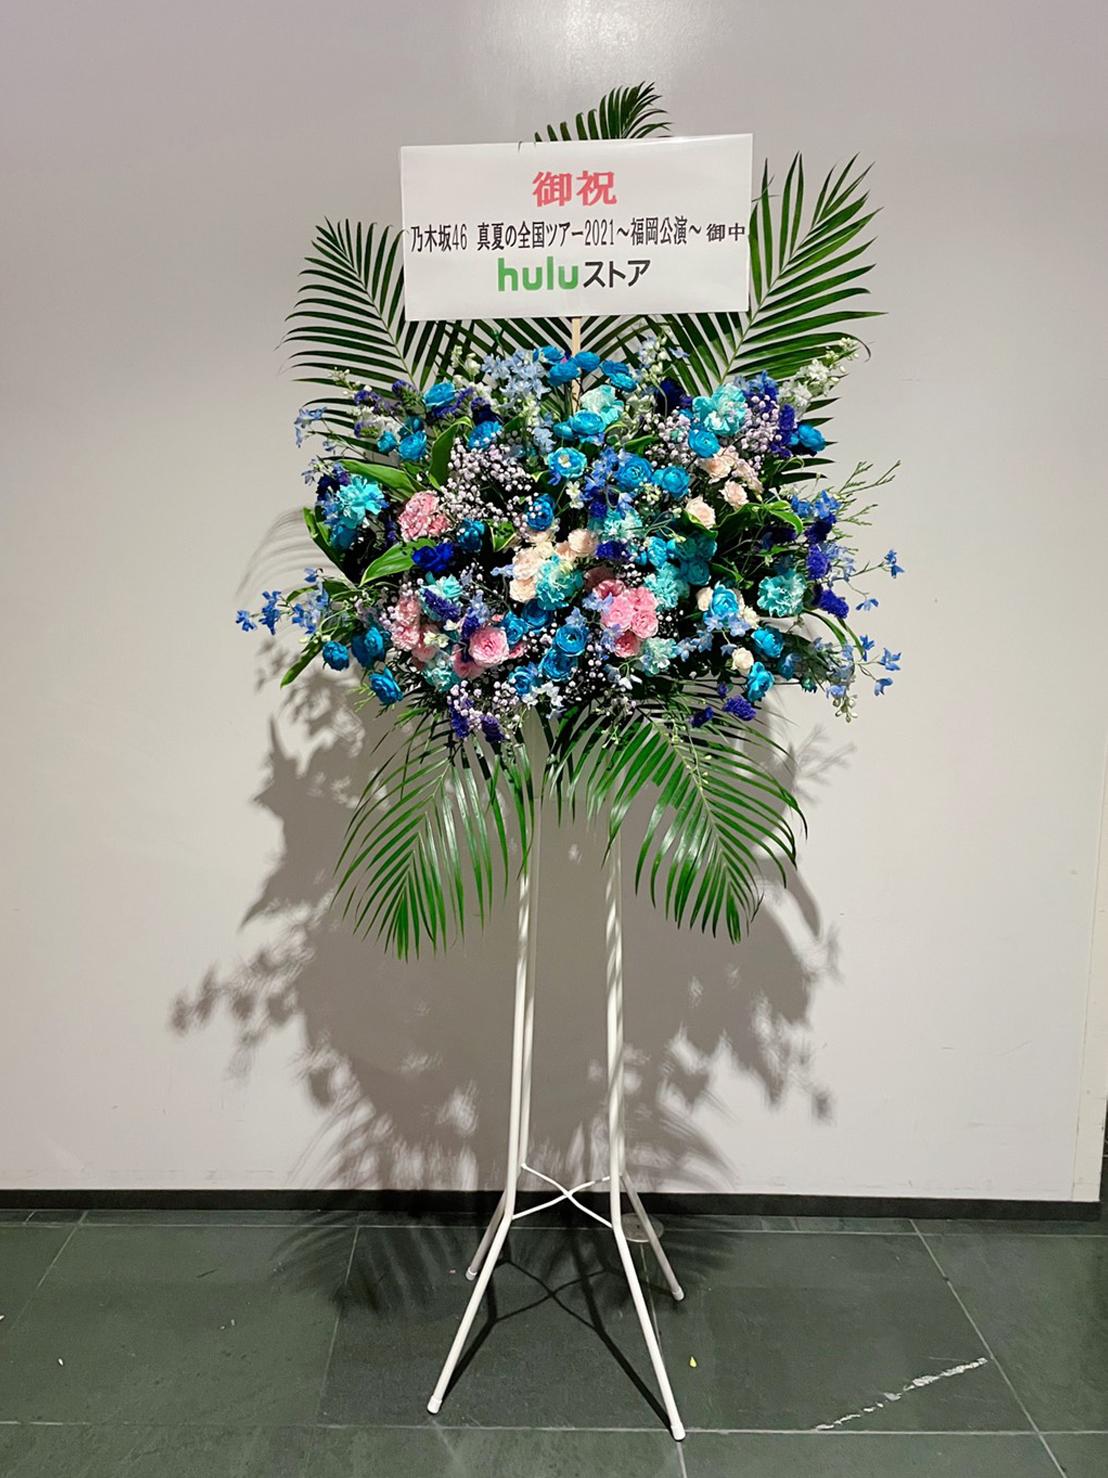 乃木坂46 お祝いスタンド花